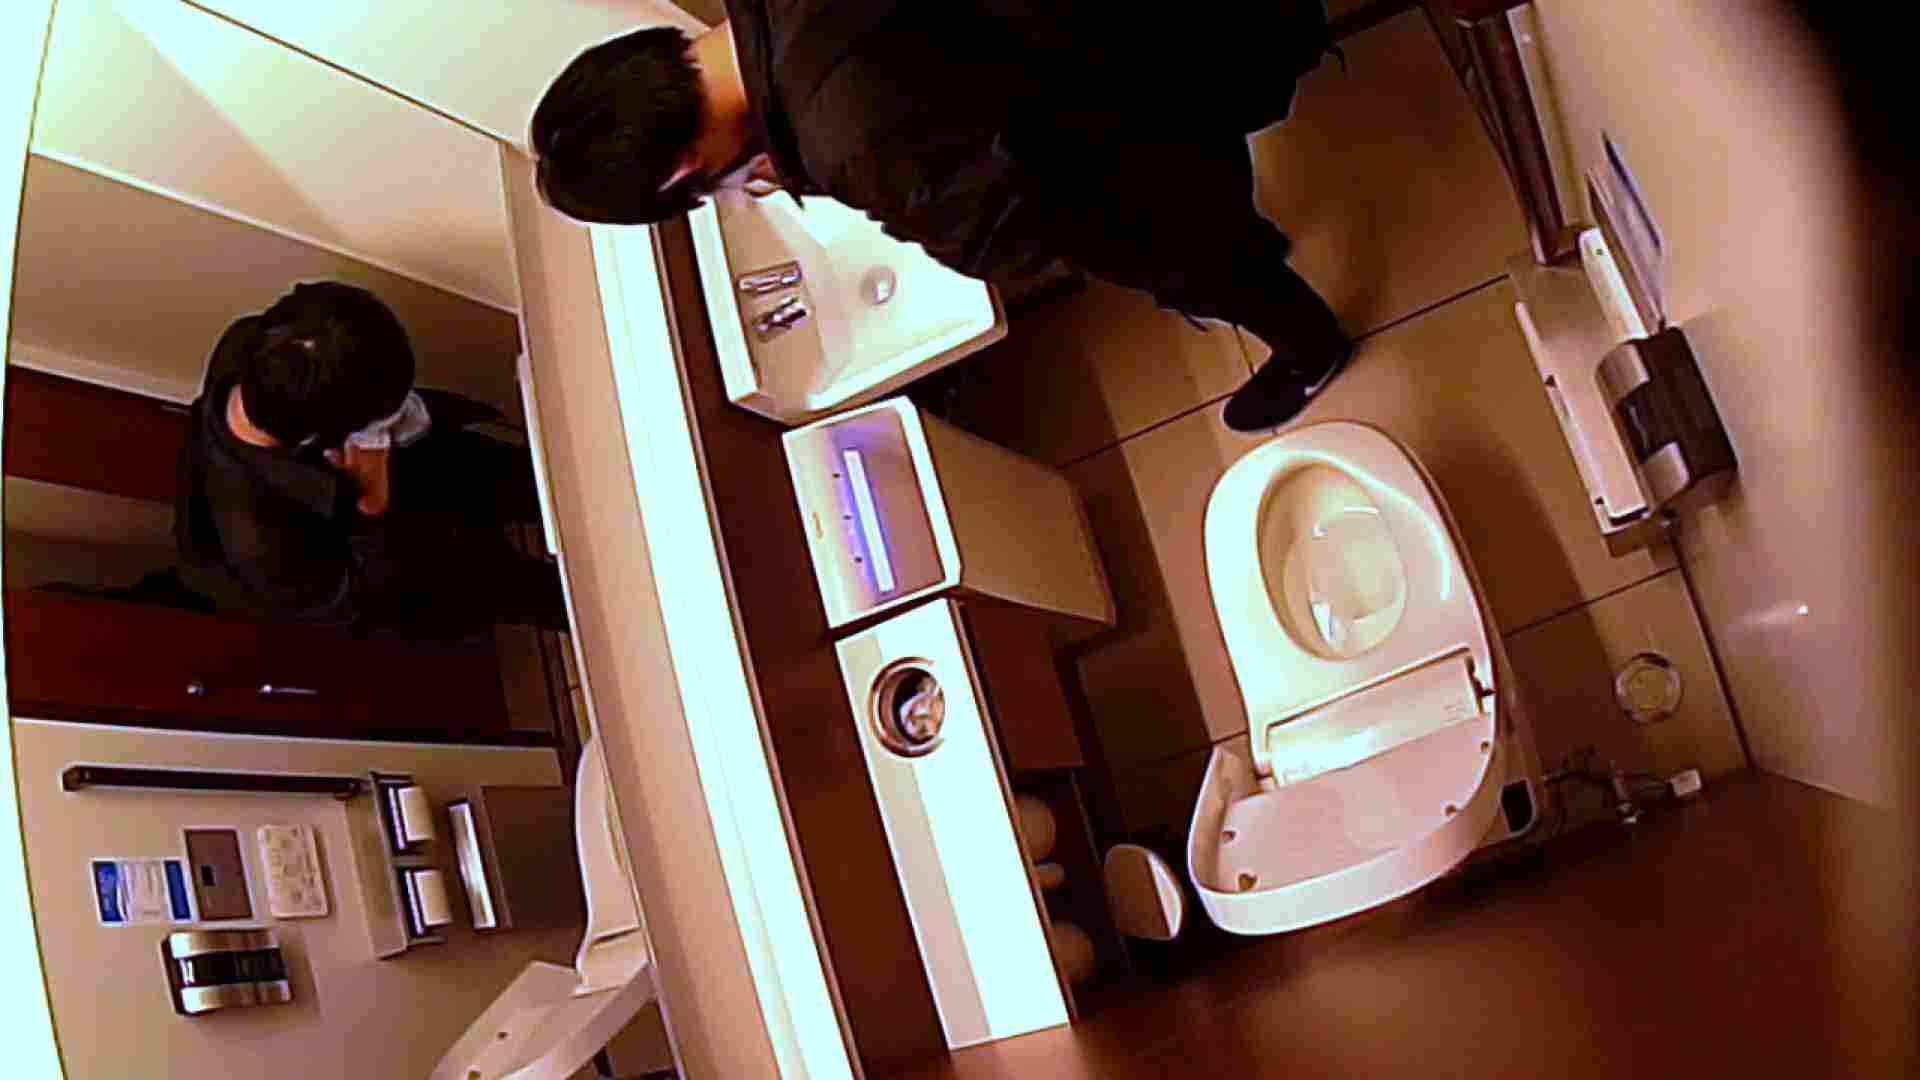 すみませんが覗かせてください Vol.32 トイレ | 0  102pic 77